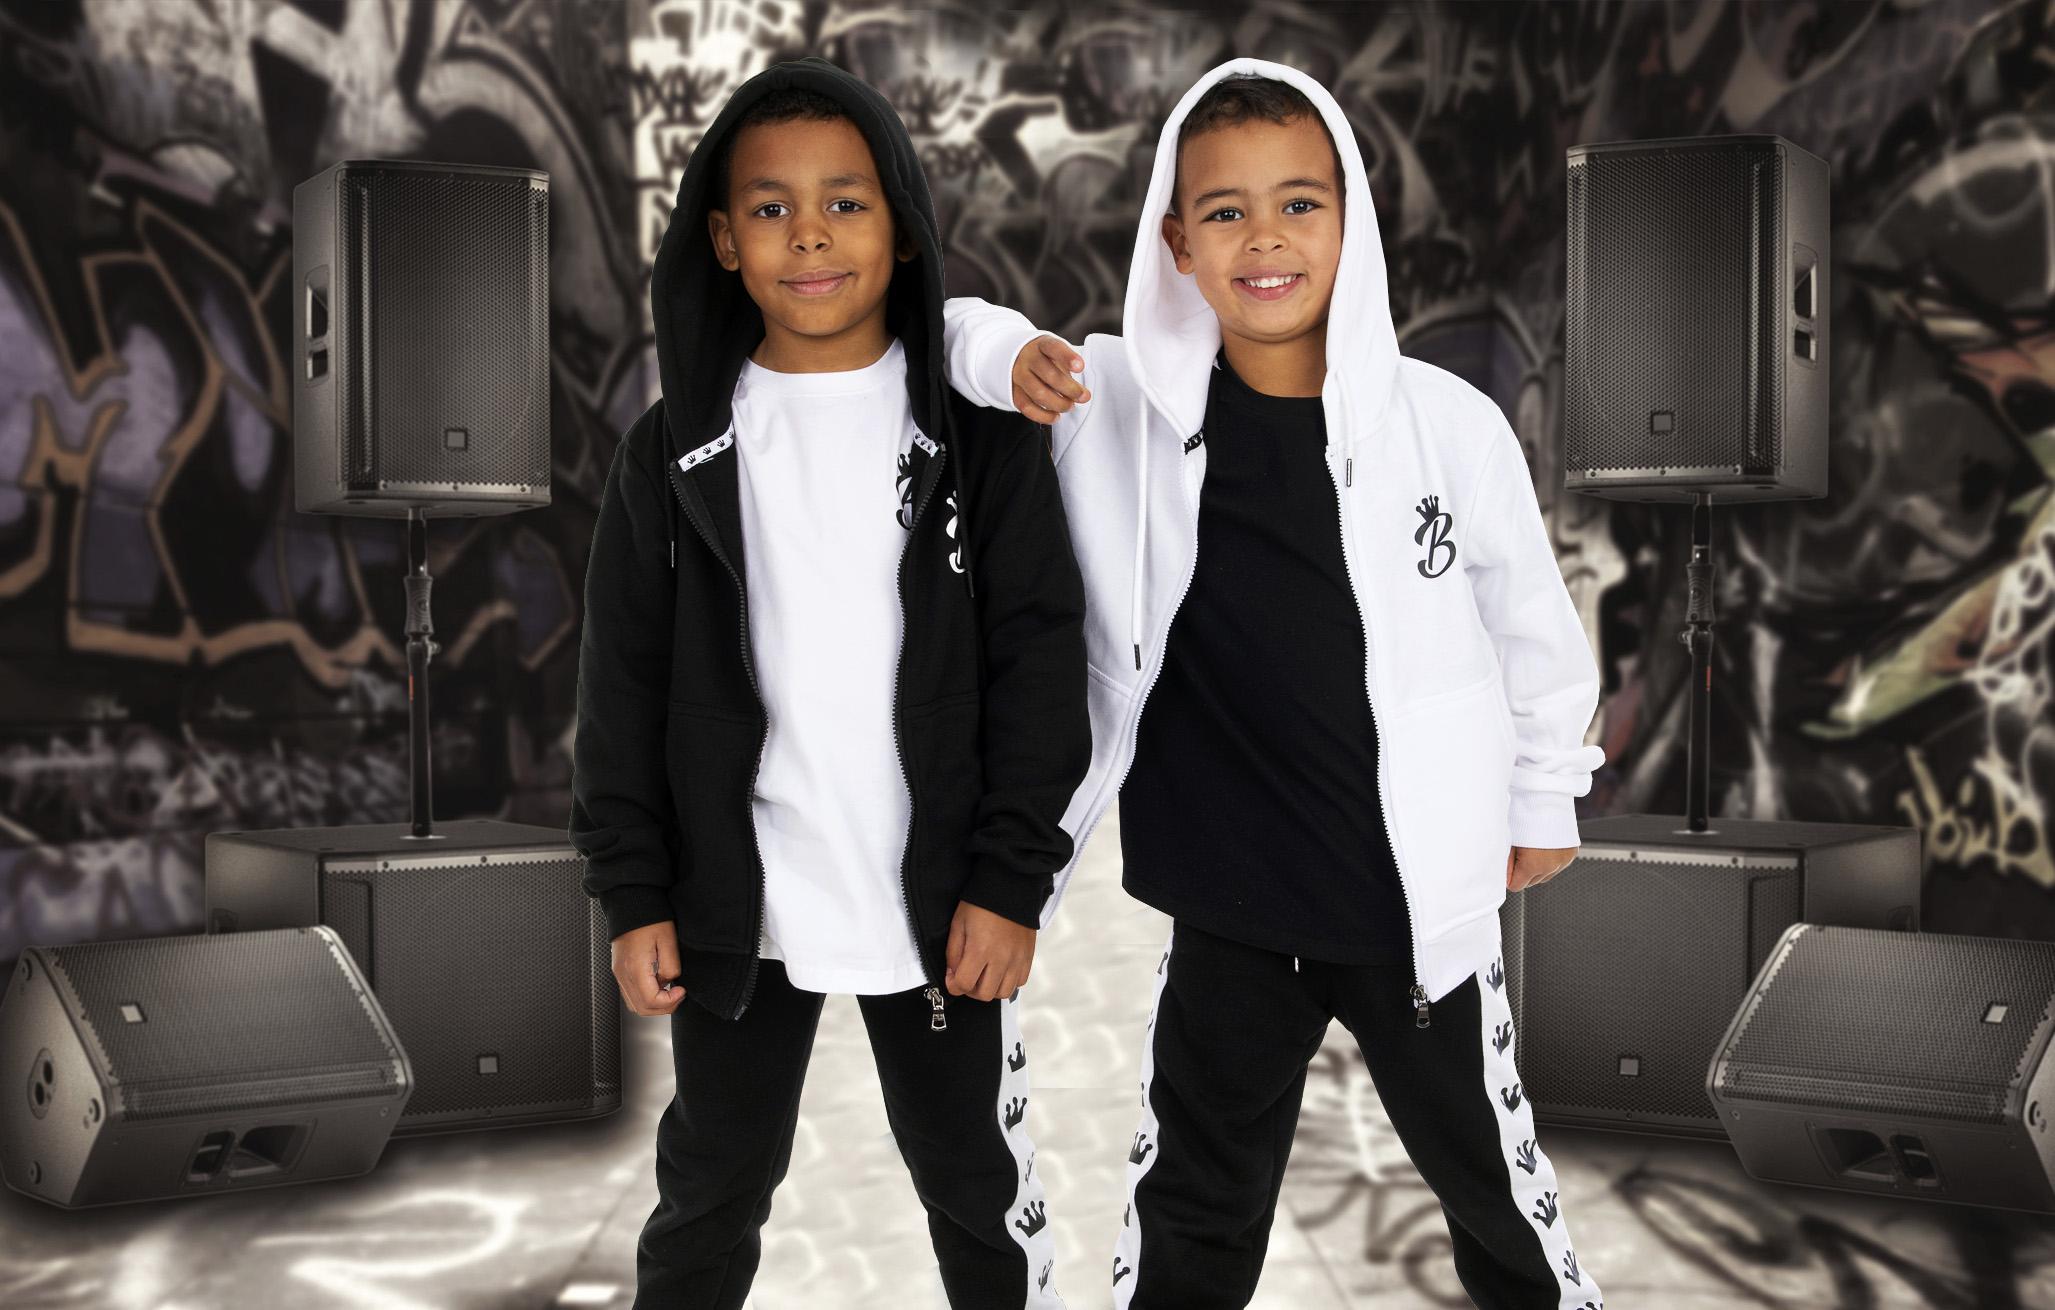 Lil Beatz Students